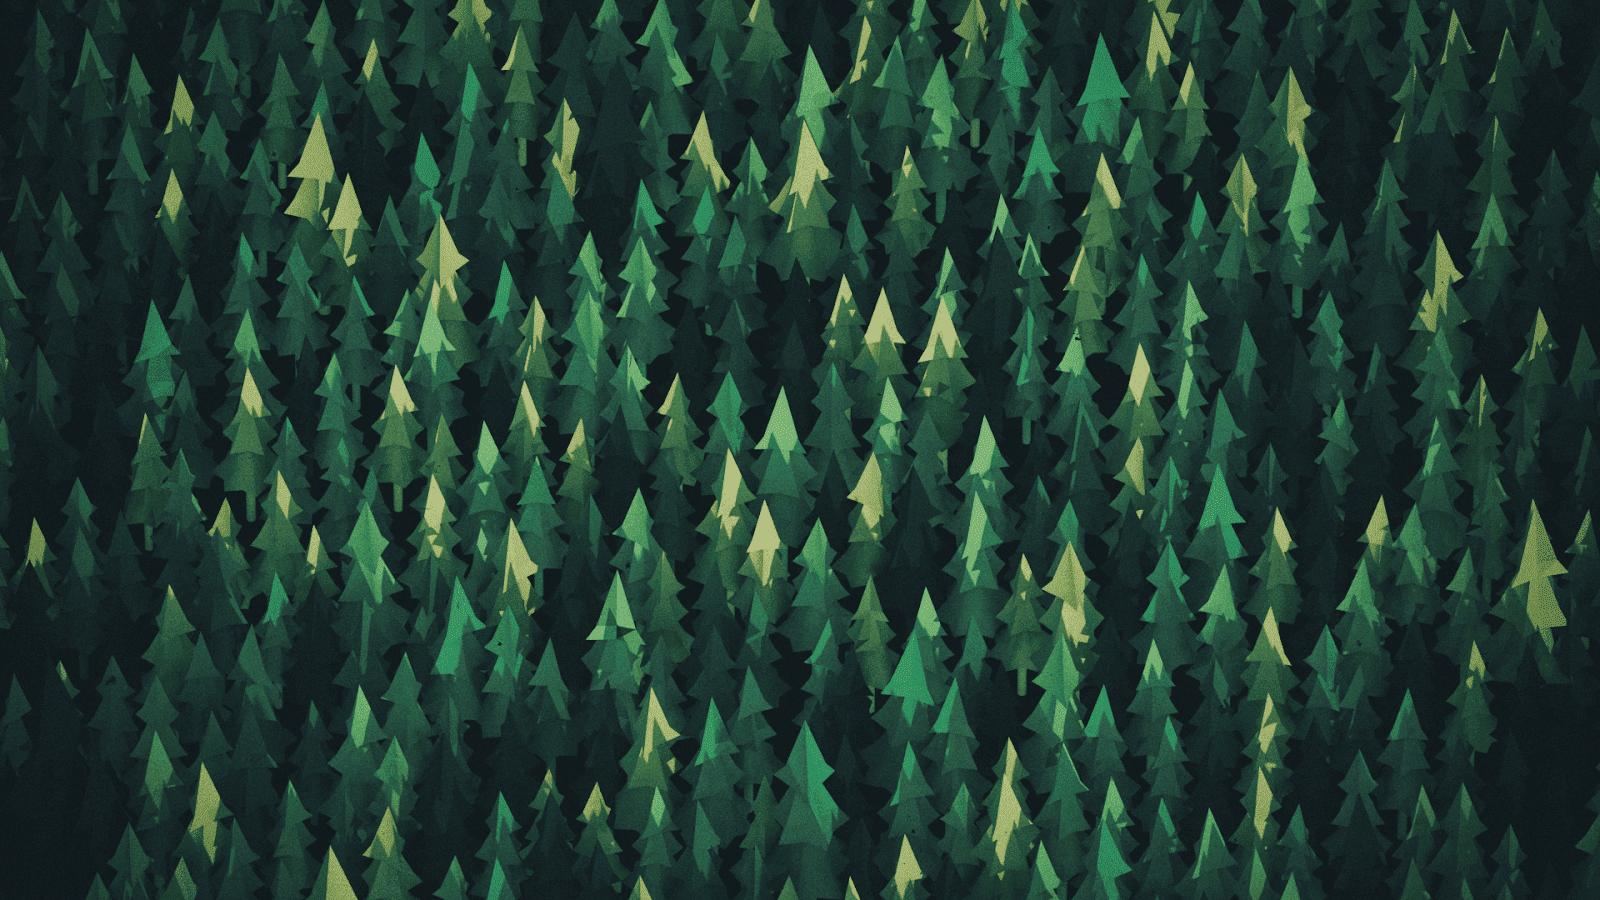 4K Minimalist Wallpapers